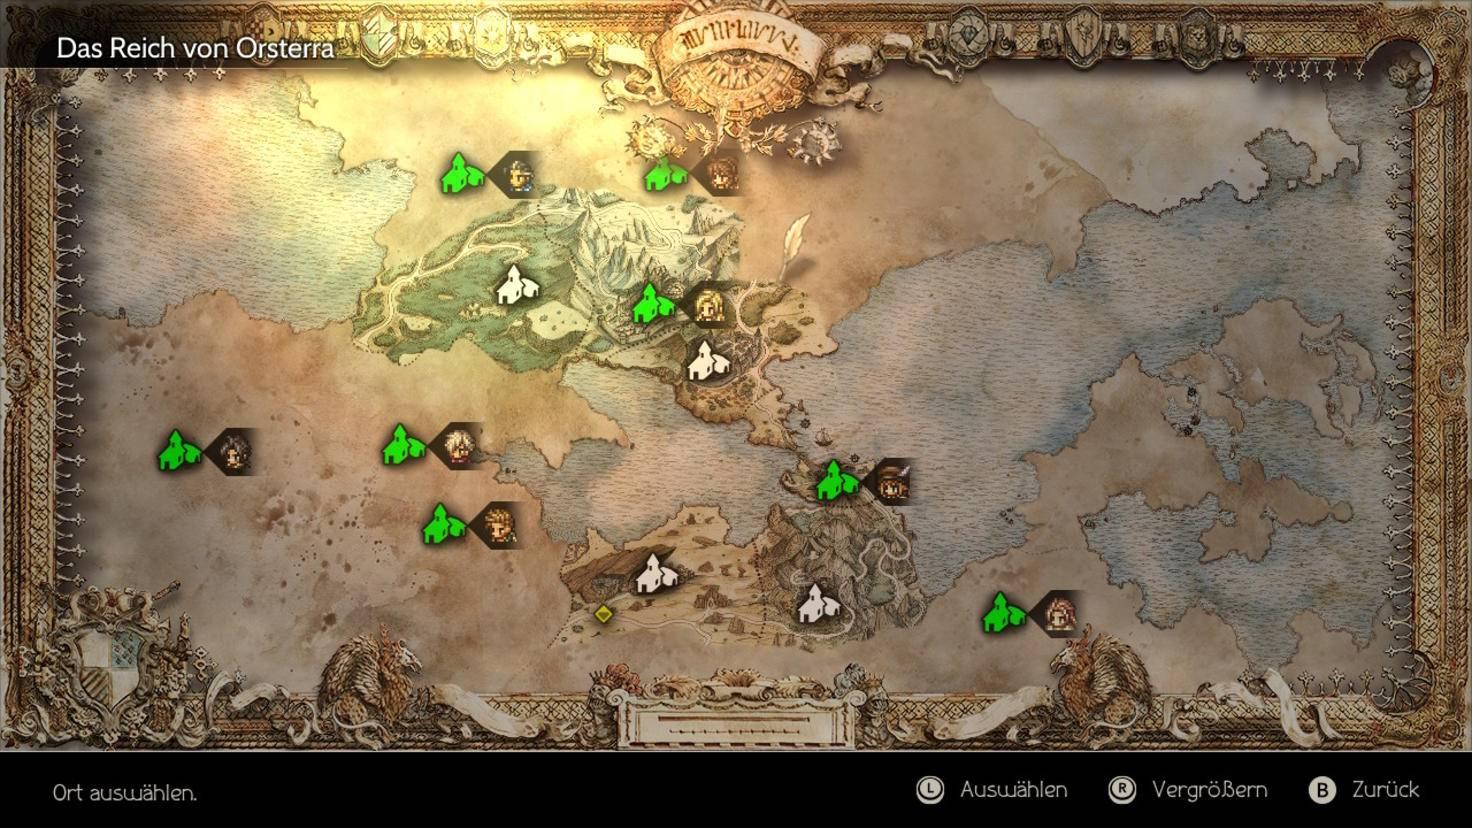 Die Porträts auf der Karte zeigen, wo die Story des jeweiligen Charakters weitergeht. Es gibt also viel zu tun.